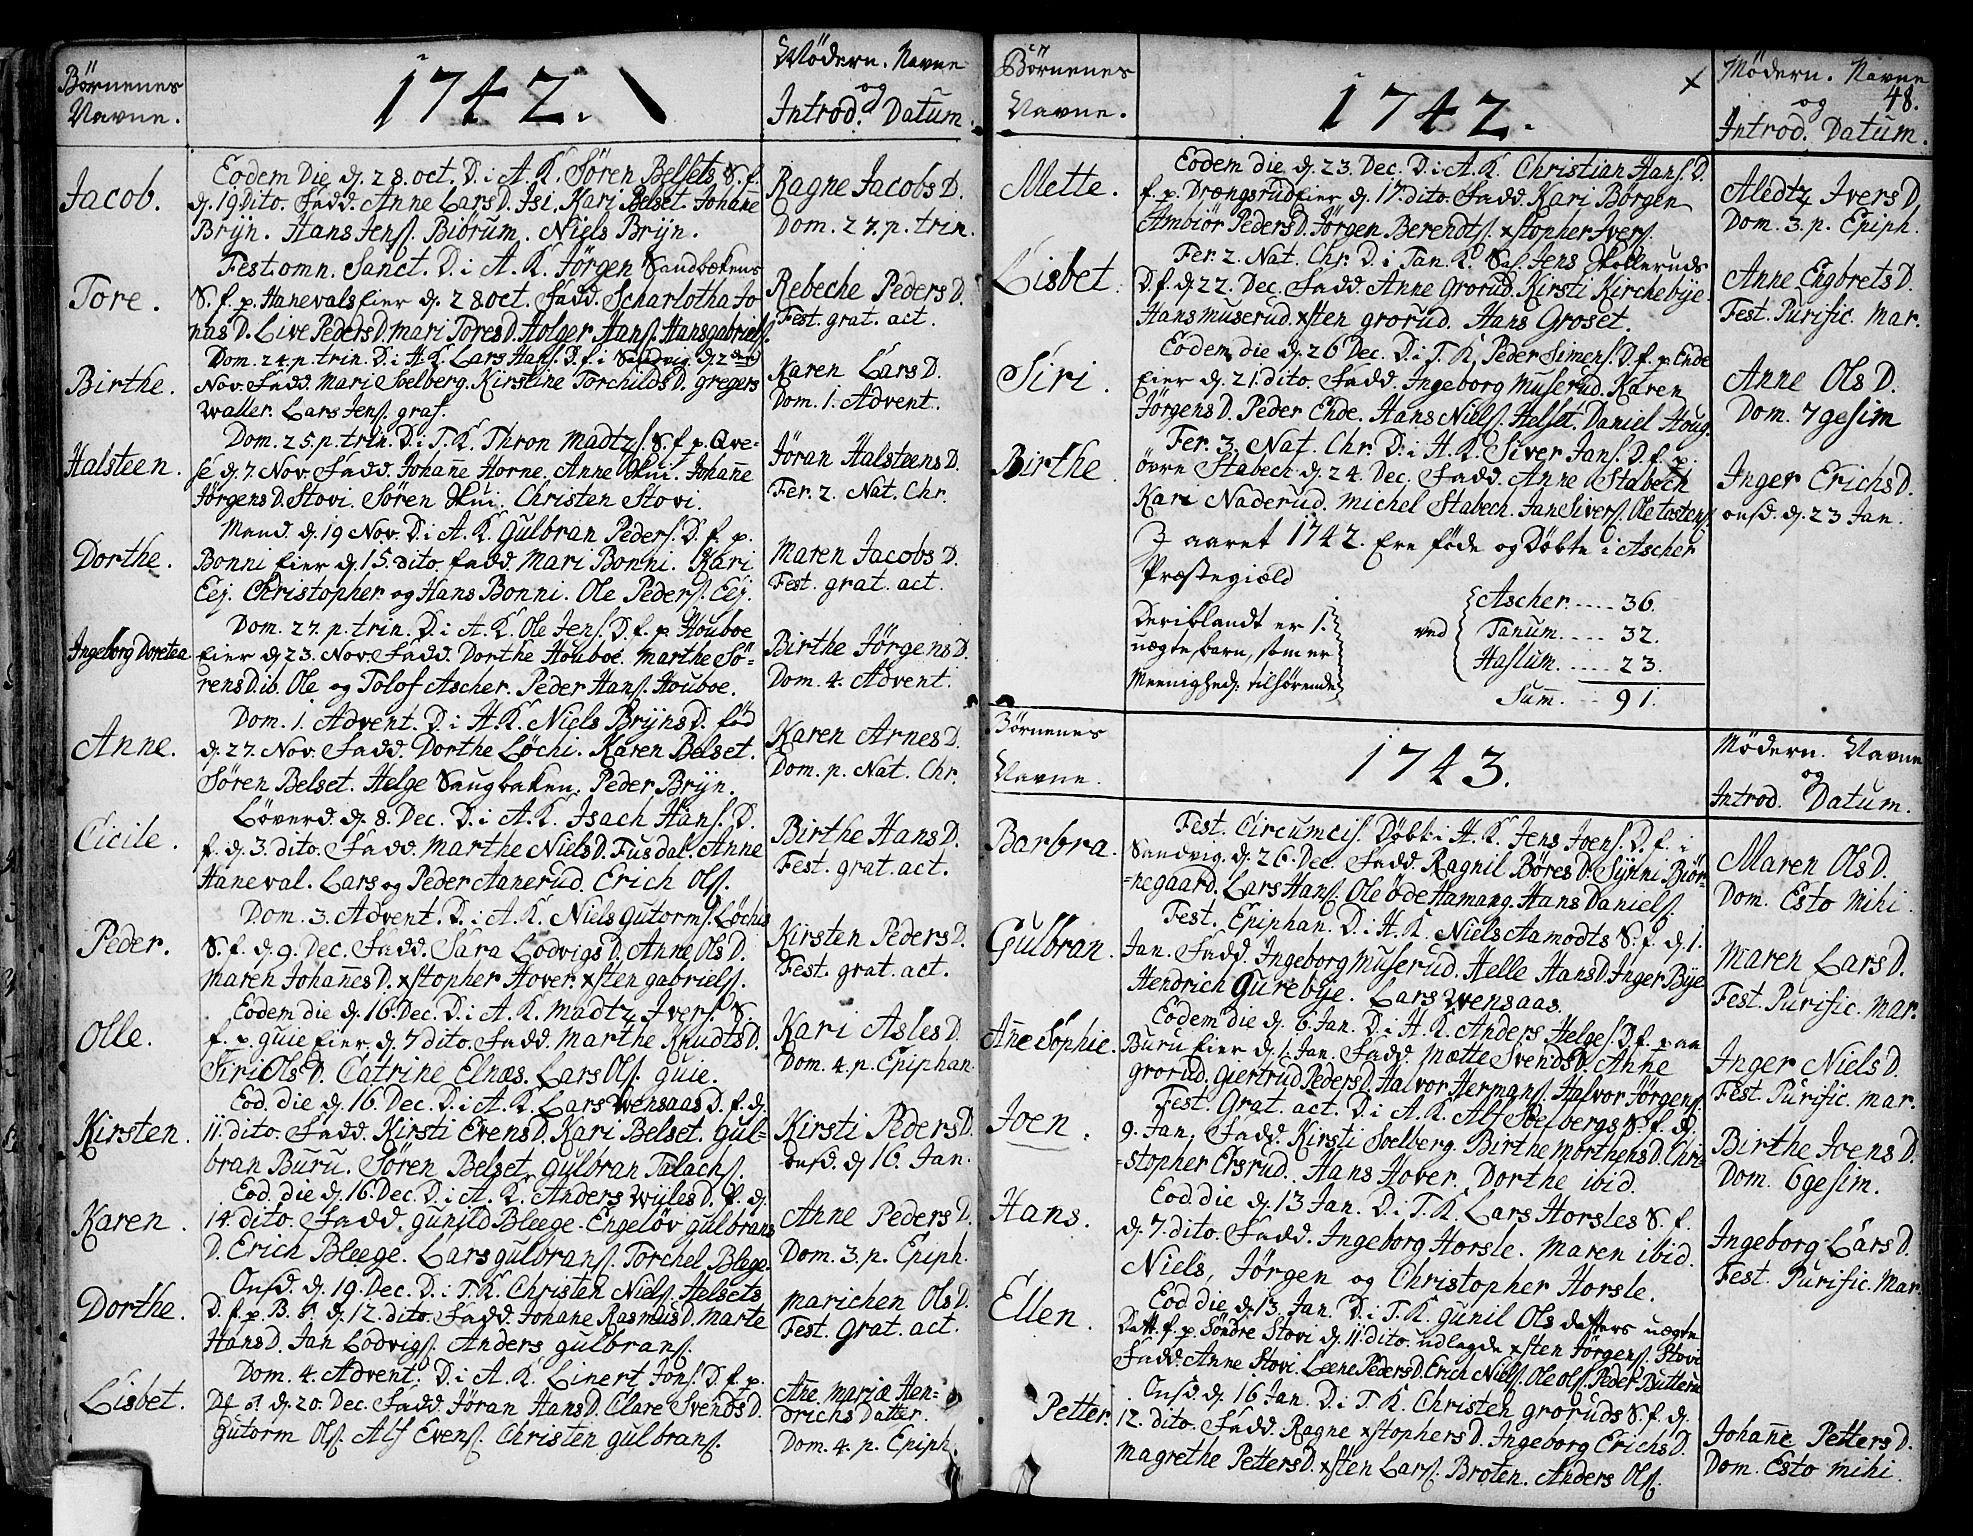 SAO, Asker prestekontor Kirkebøker, F/Fa/L0002: Ministerialbok nr. I 2, 1733-1766, s. 48